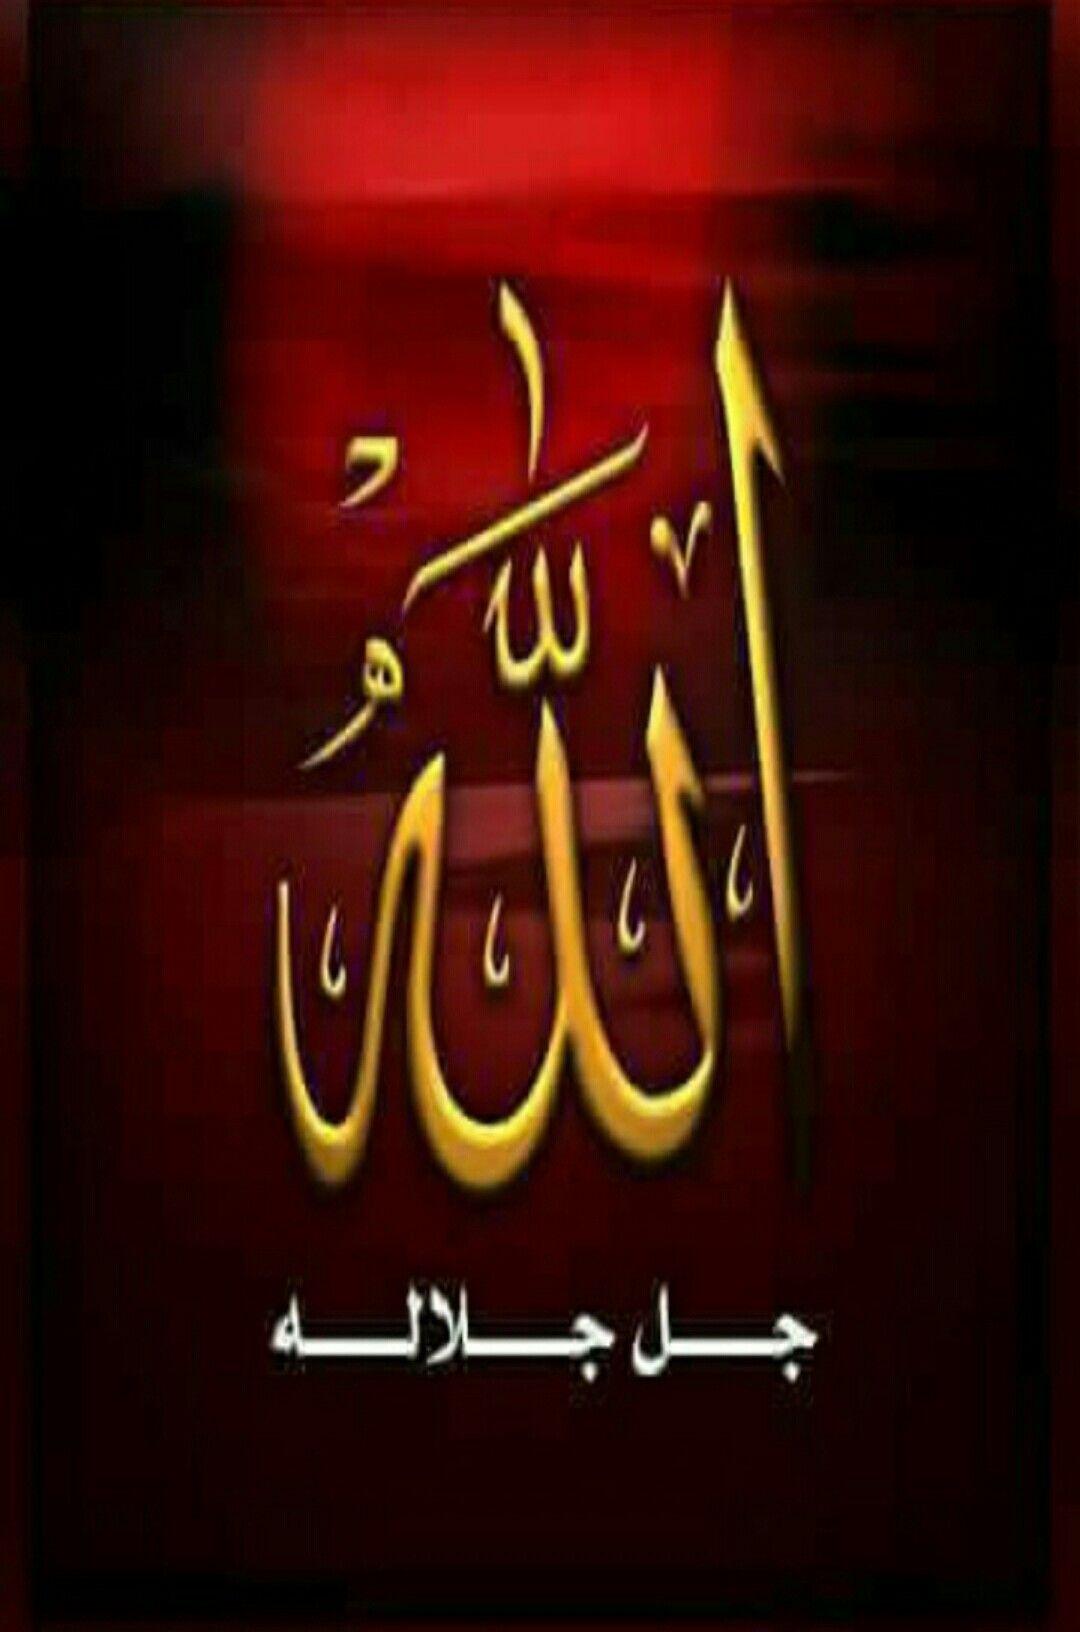 دنیا کا ساتھ مطلب تک اور اللہ کا ساتھ حشر تک رہتا ہے Sabkehteyhain Islamic Art Learn Quran Islam Facts